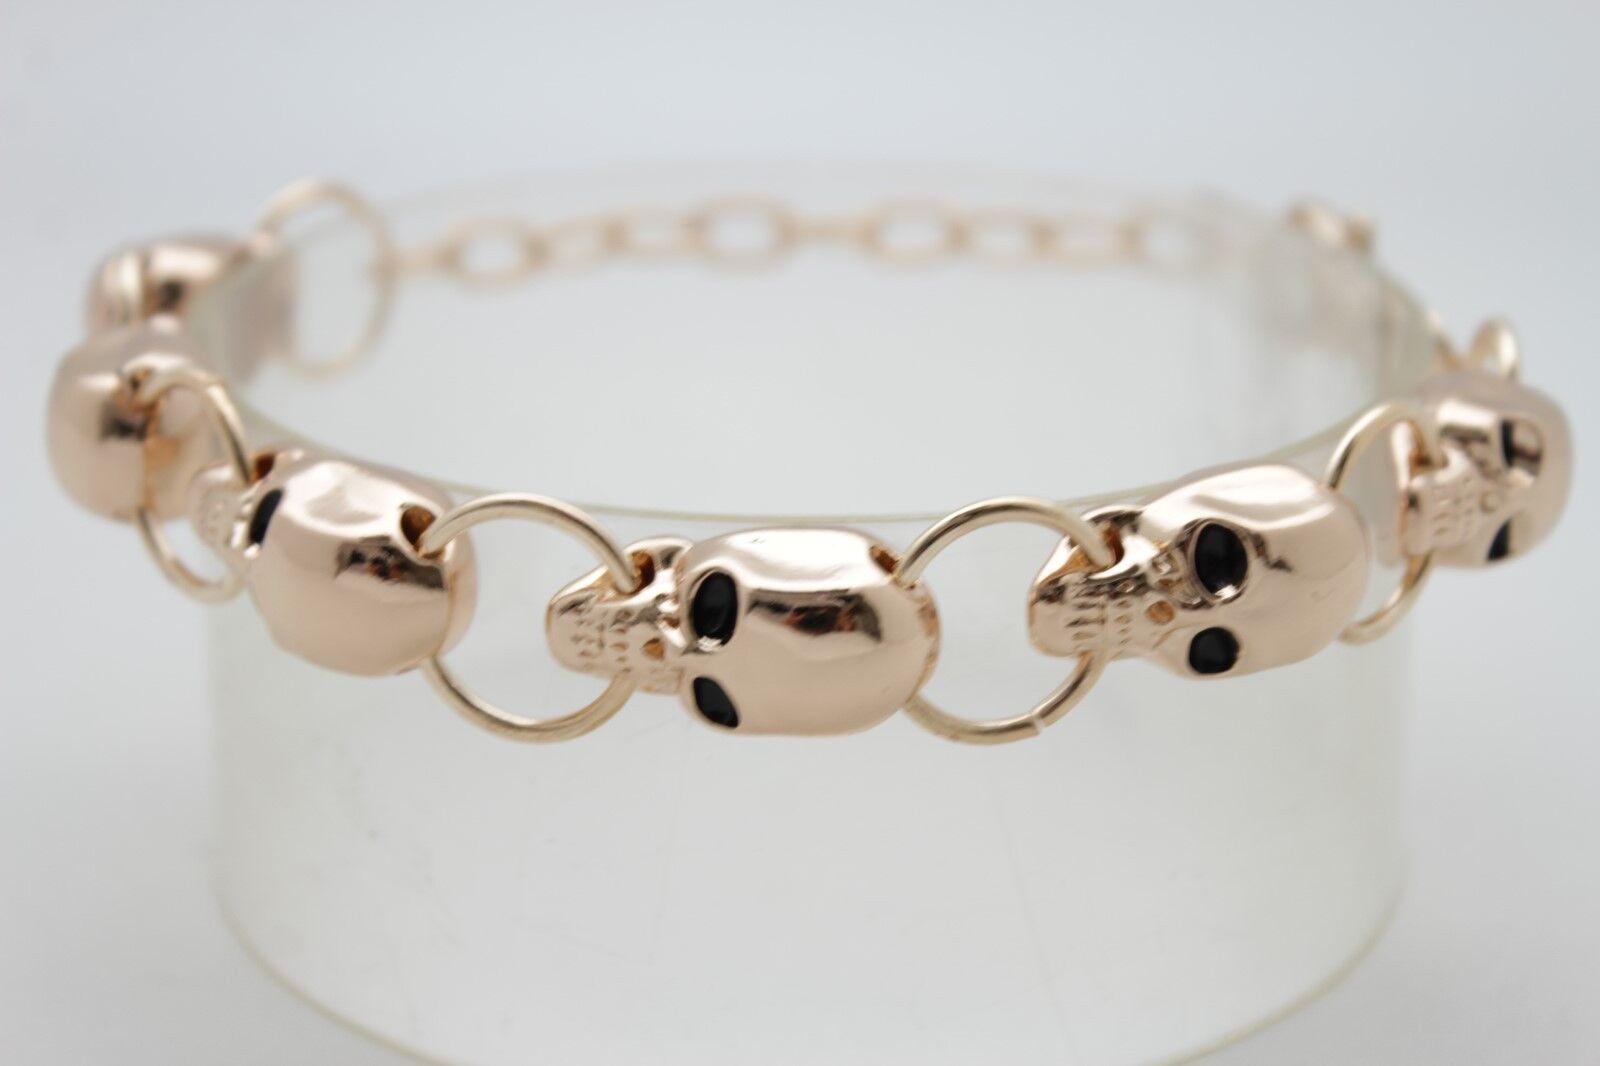 Women 1 Boot Bracelet Gold Metal Chain Bling Anklet Charm High Heel Biker Skulls